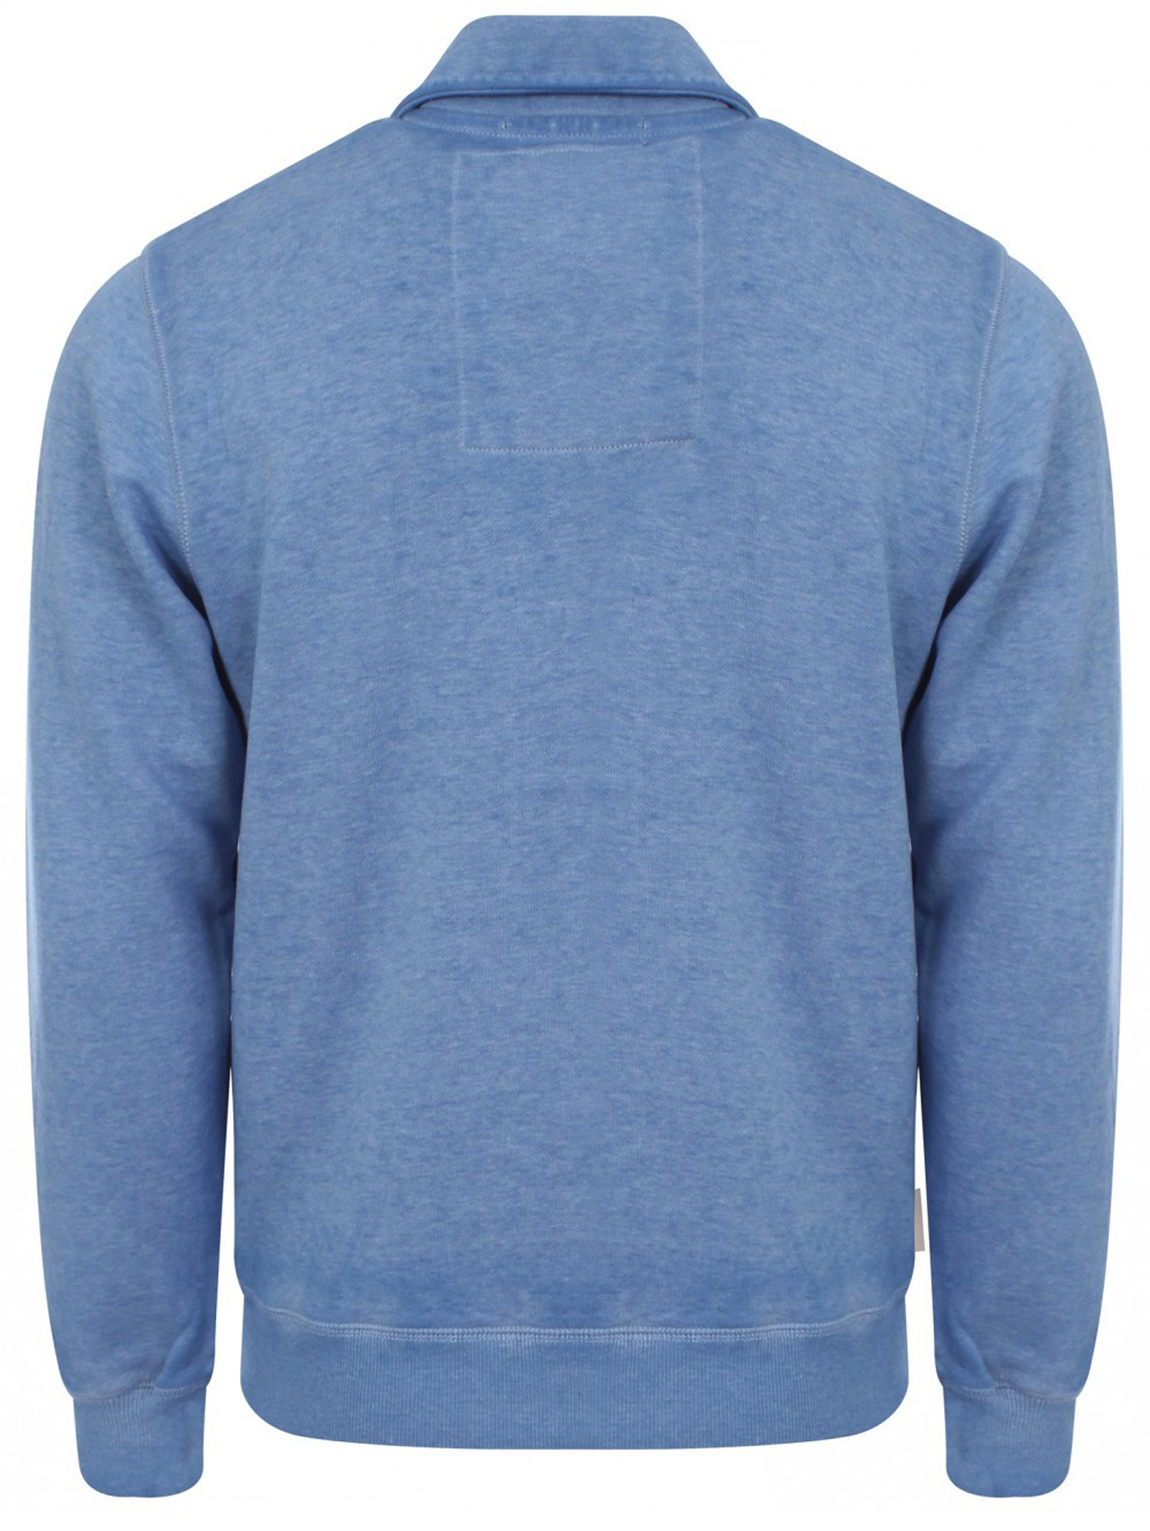 Tokyo-Laundry-Maglione-da-uomo-SHAMROCK-Lake-3-4-Colletto-Zip-Collo-Pullover-Felpa miniatura 3